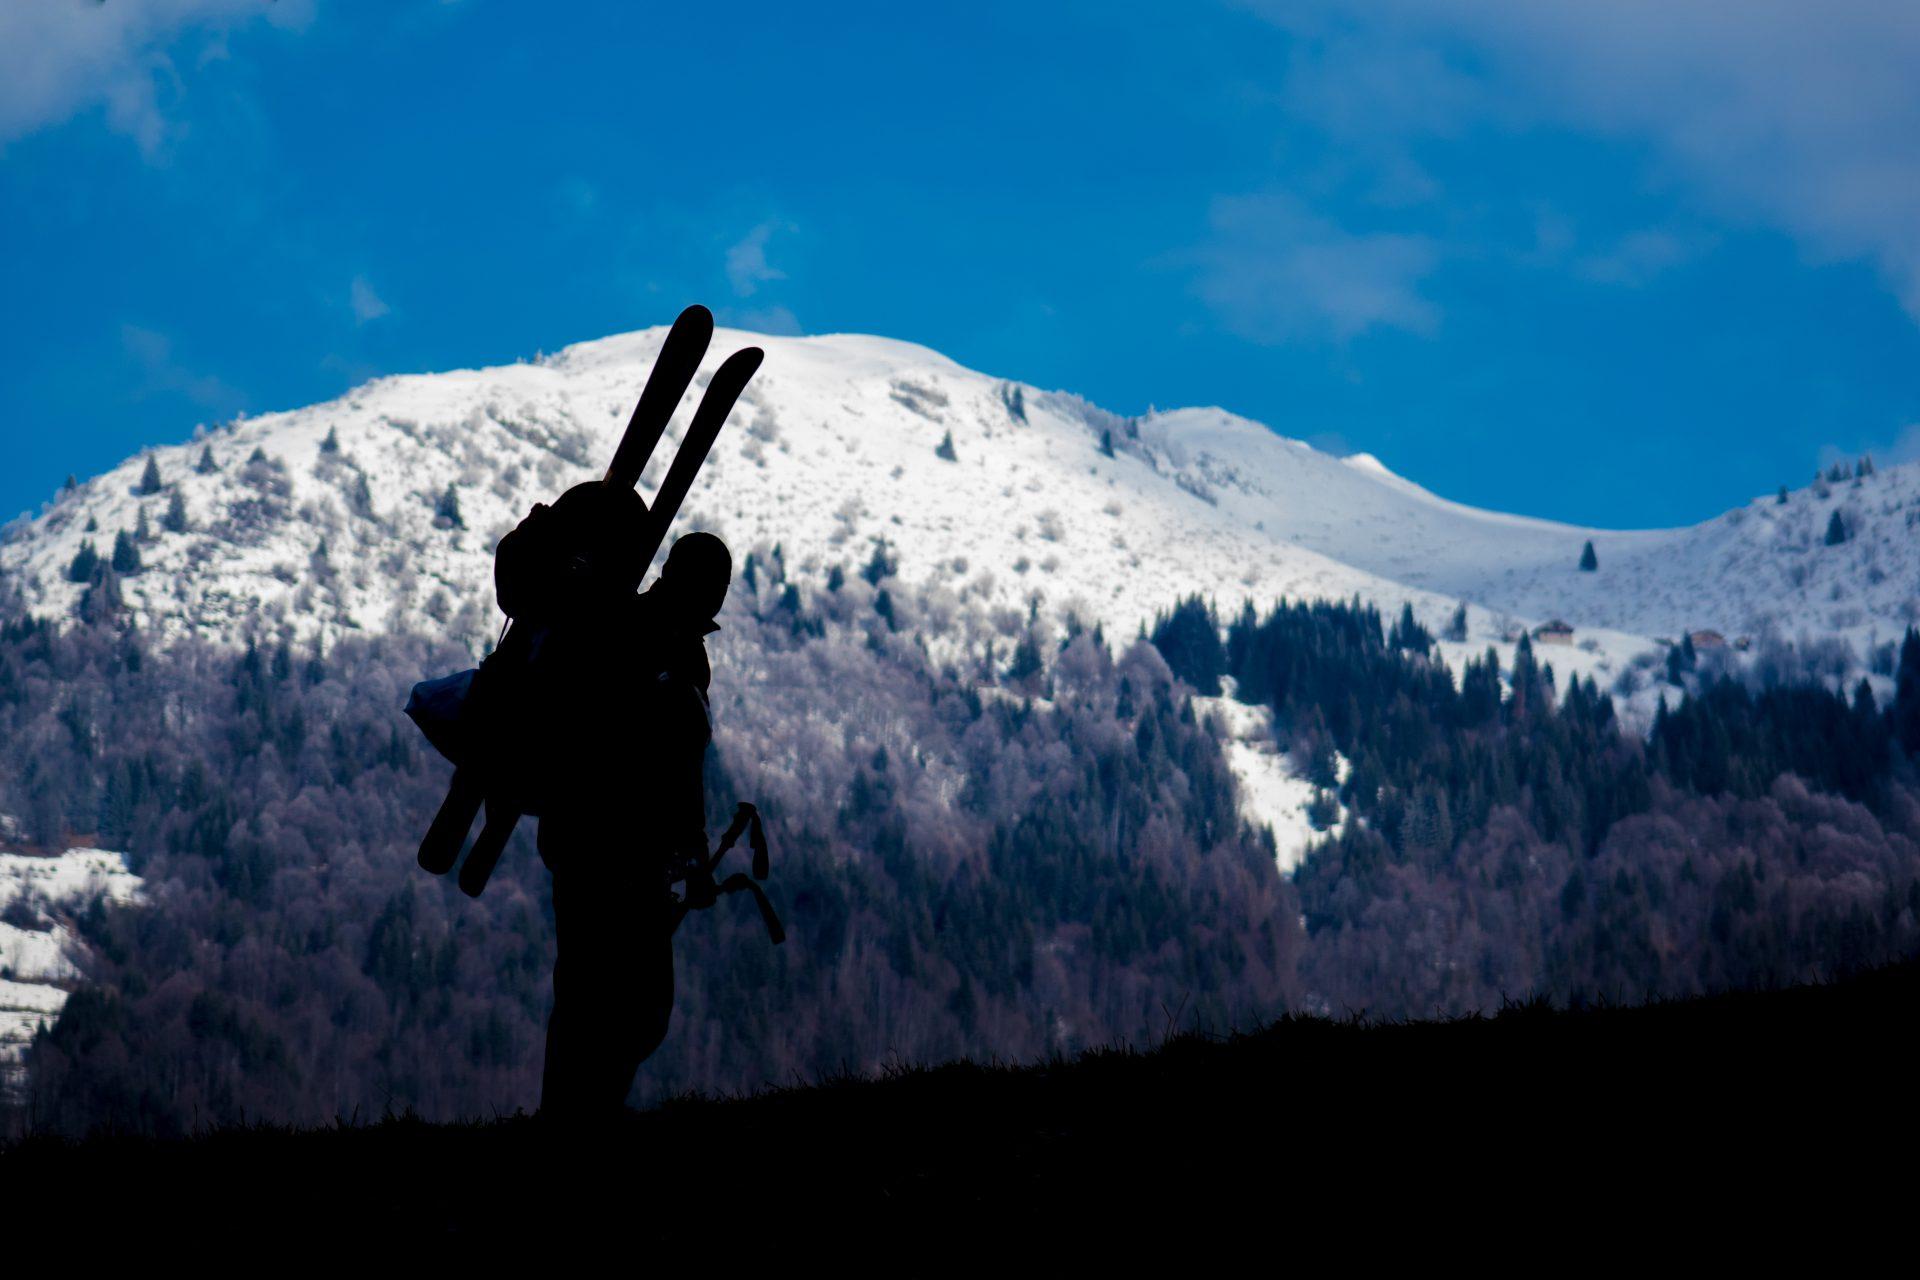 Lone skier walking up mountain